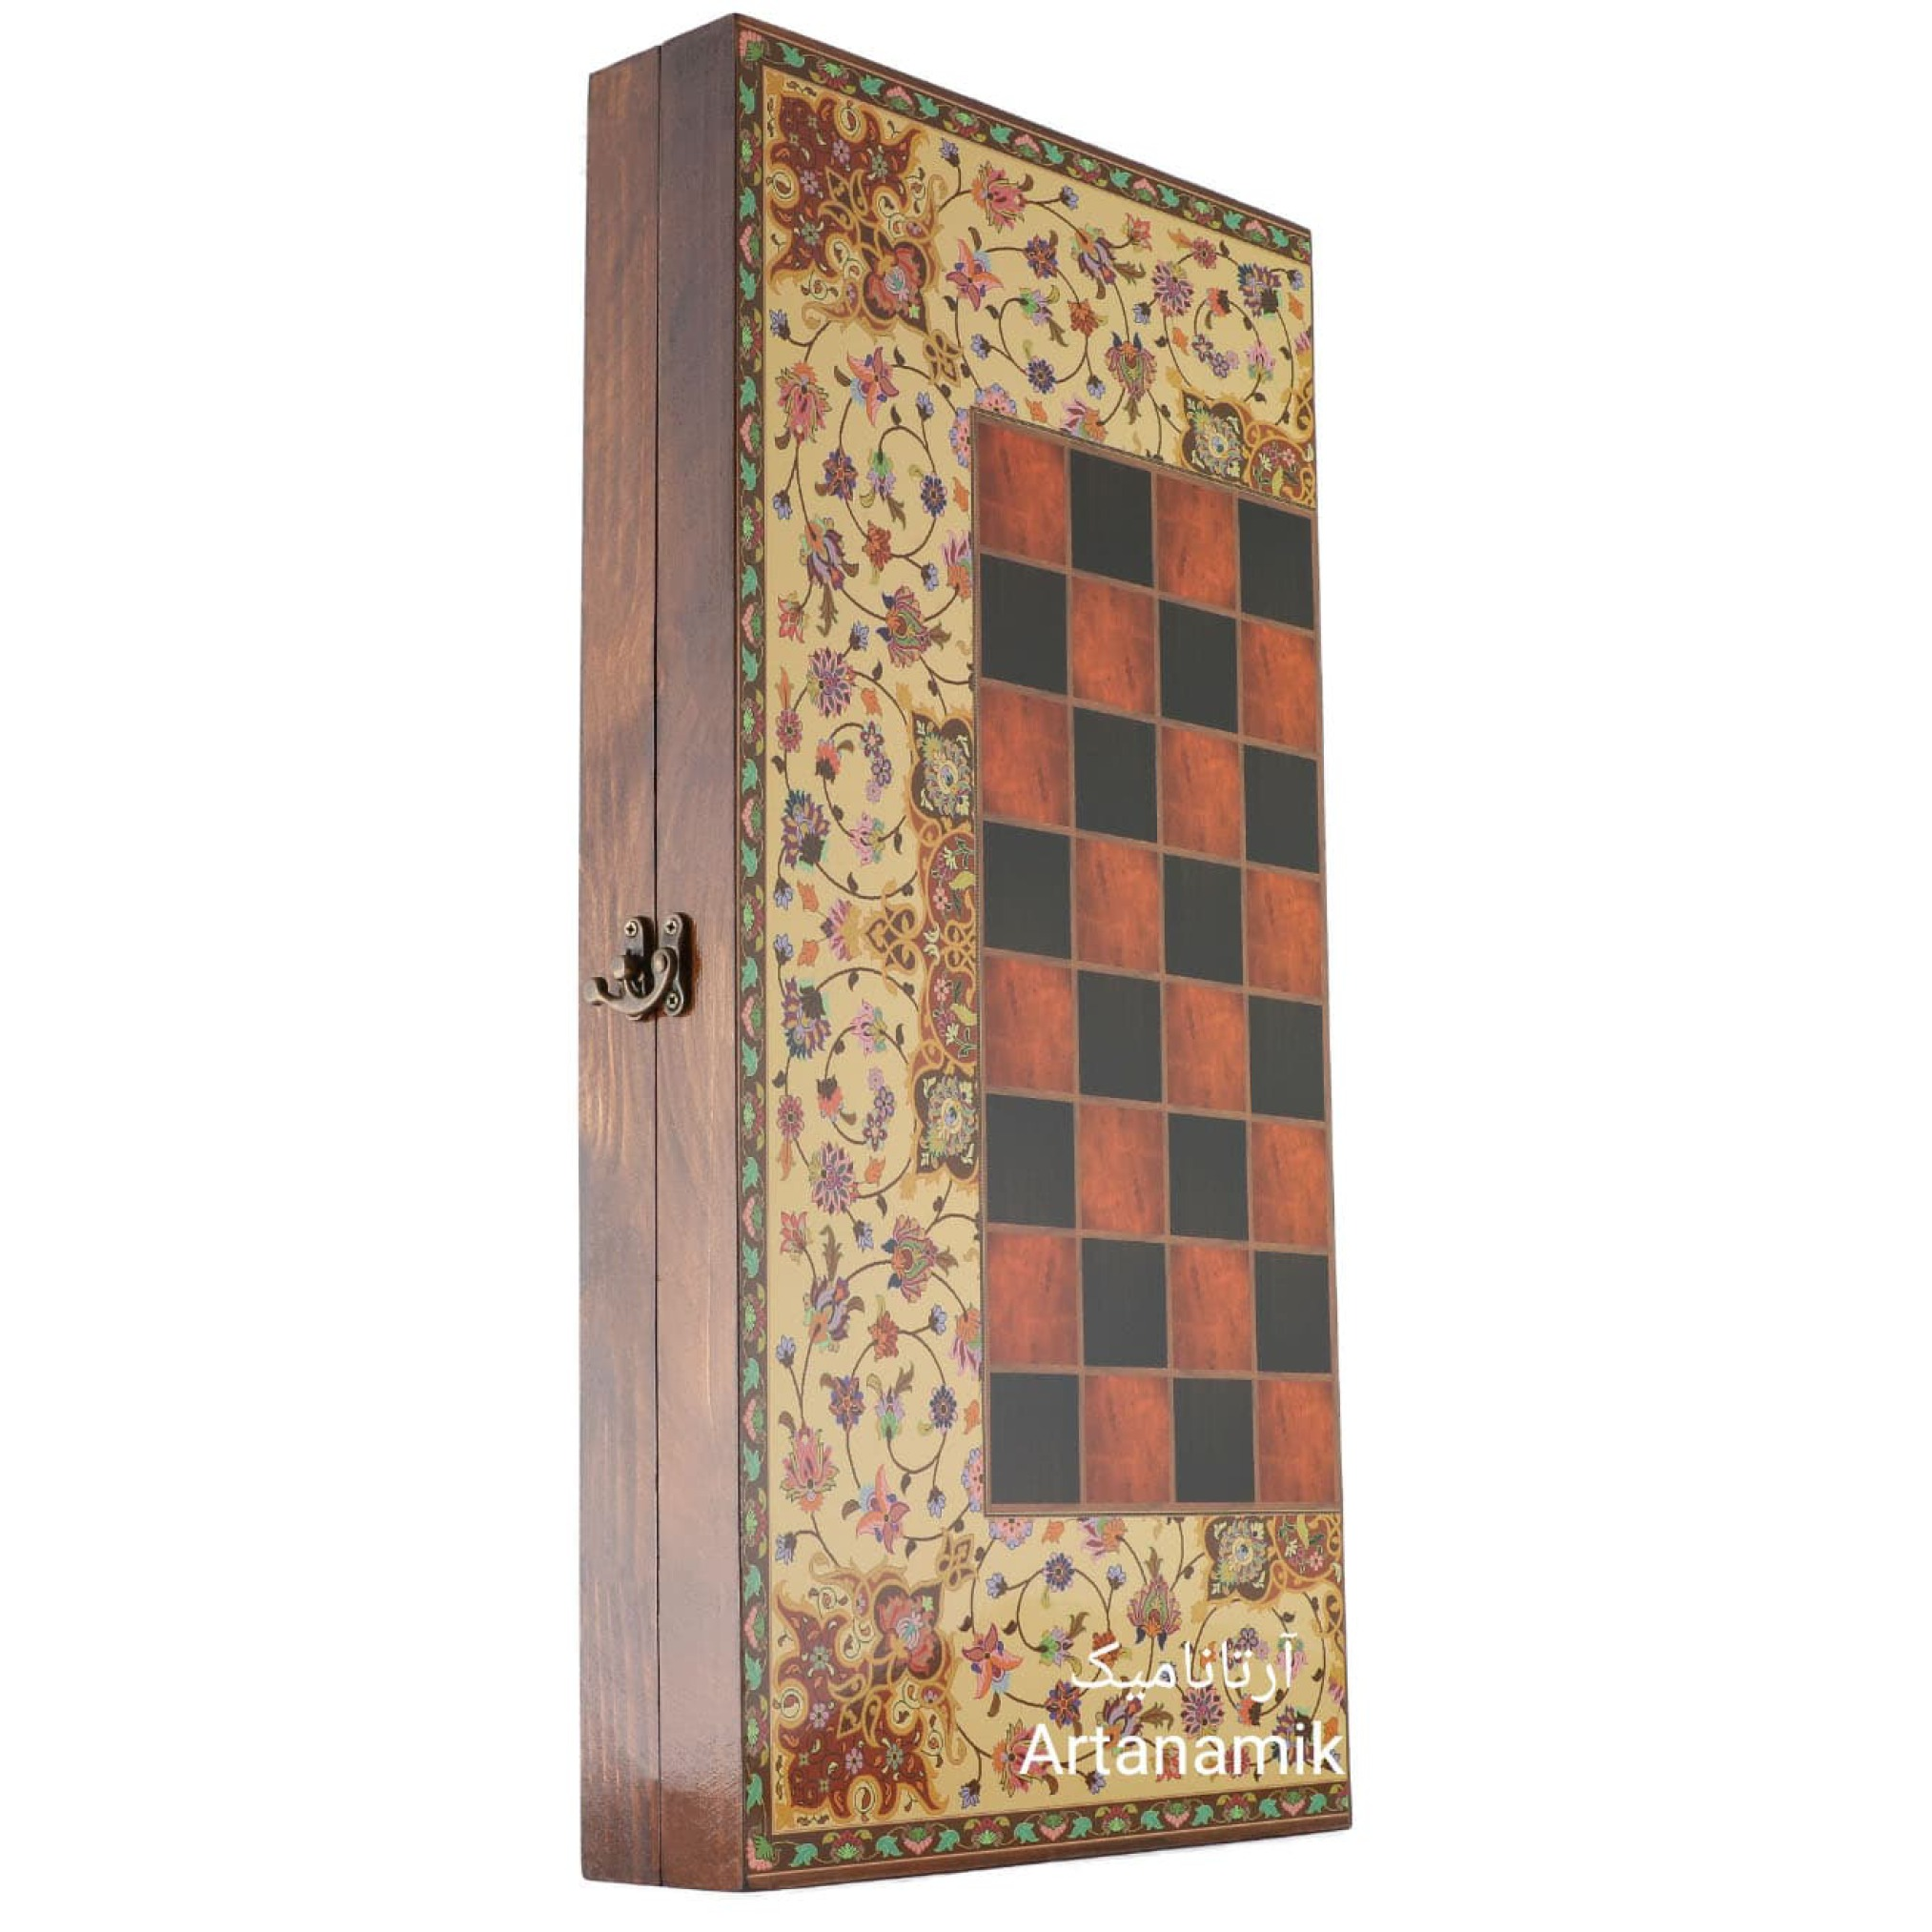 تخته نرد و شطرنج کادویی طرح ترنج، تخته نرد کادویی، تخته نرد نفیس از جنس چوب روس